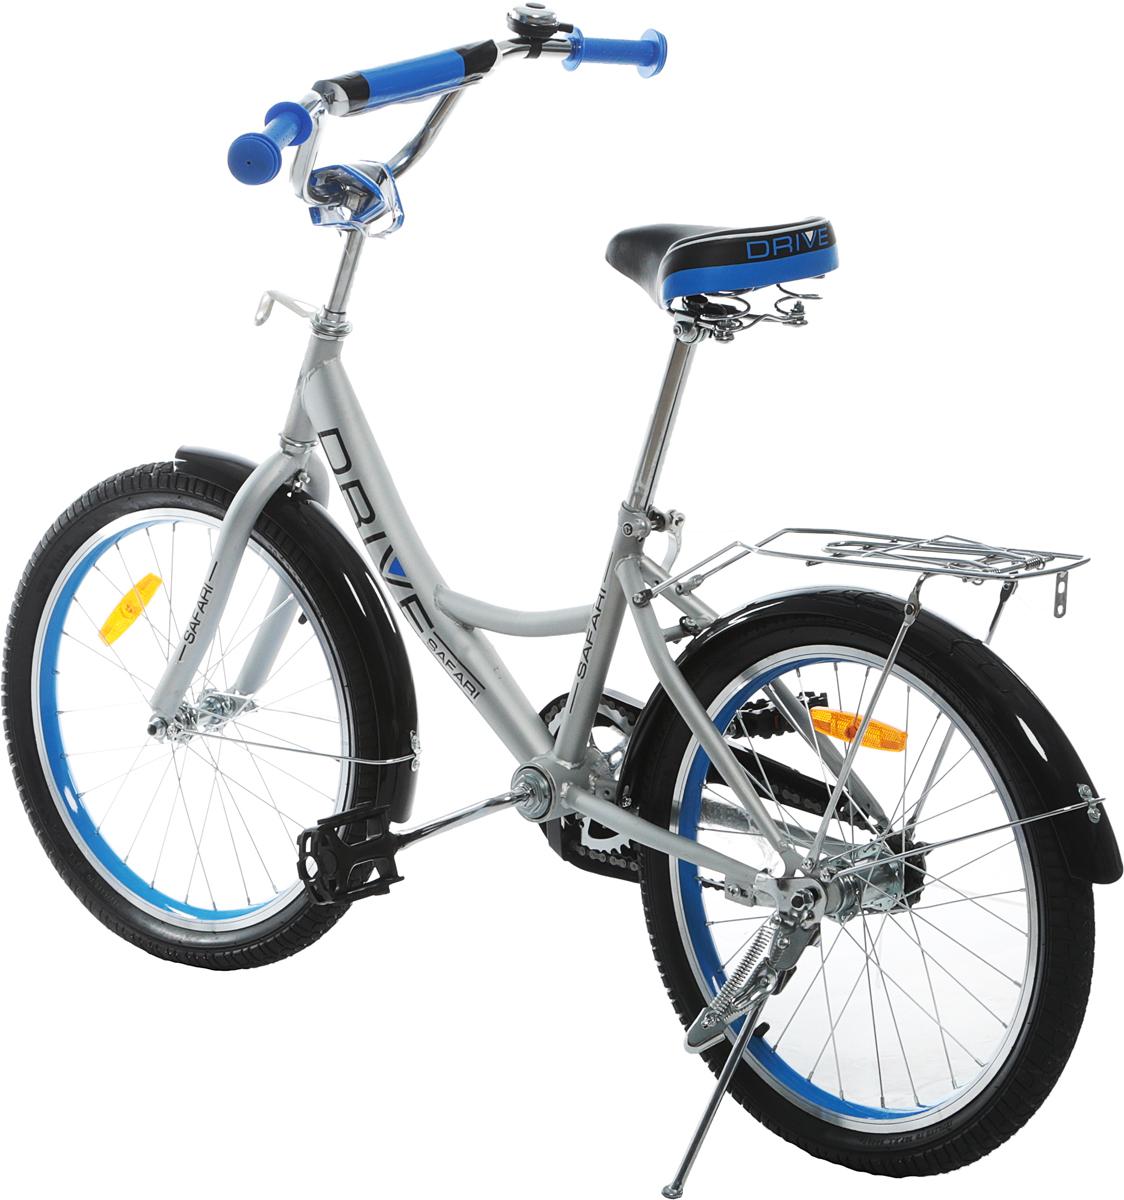 Дети очень любят кататься на велосипеде, а родителей радует активный отдых их чад на свежем воздухе. Ни одна другая игрушка не принесет столько радости и здоровья вашему малышу. Езда на велосипеде способствует укреплению и развитию мышечного корсета ребенка, обогащает ткани кислородом, улучшает кровообращение и обмен веществ. Ваш малыш станет более выносливым и стрессоустойчивым, а значит вырастет и его успеваемость в школе. Поэтому велосипеды не теряют своей актуальности, несмотря на появление новых развлечений и игрушек.